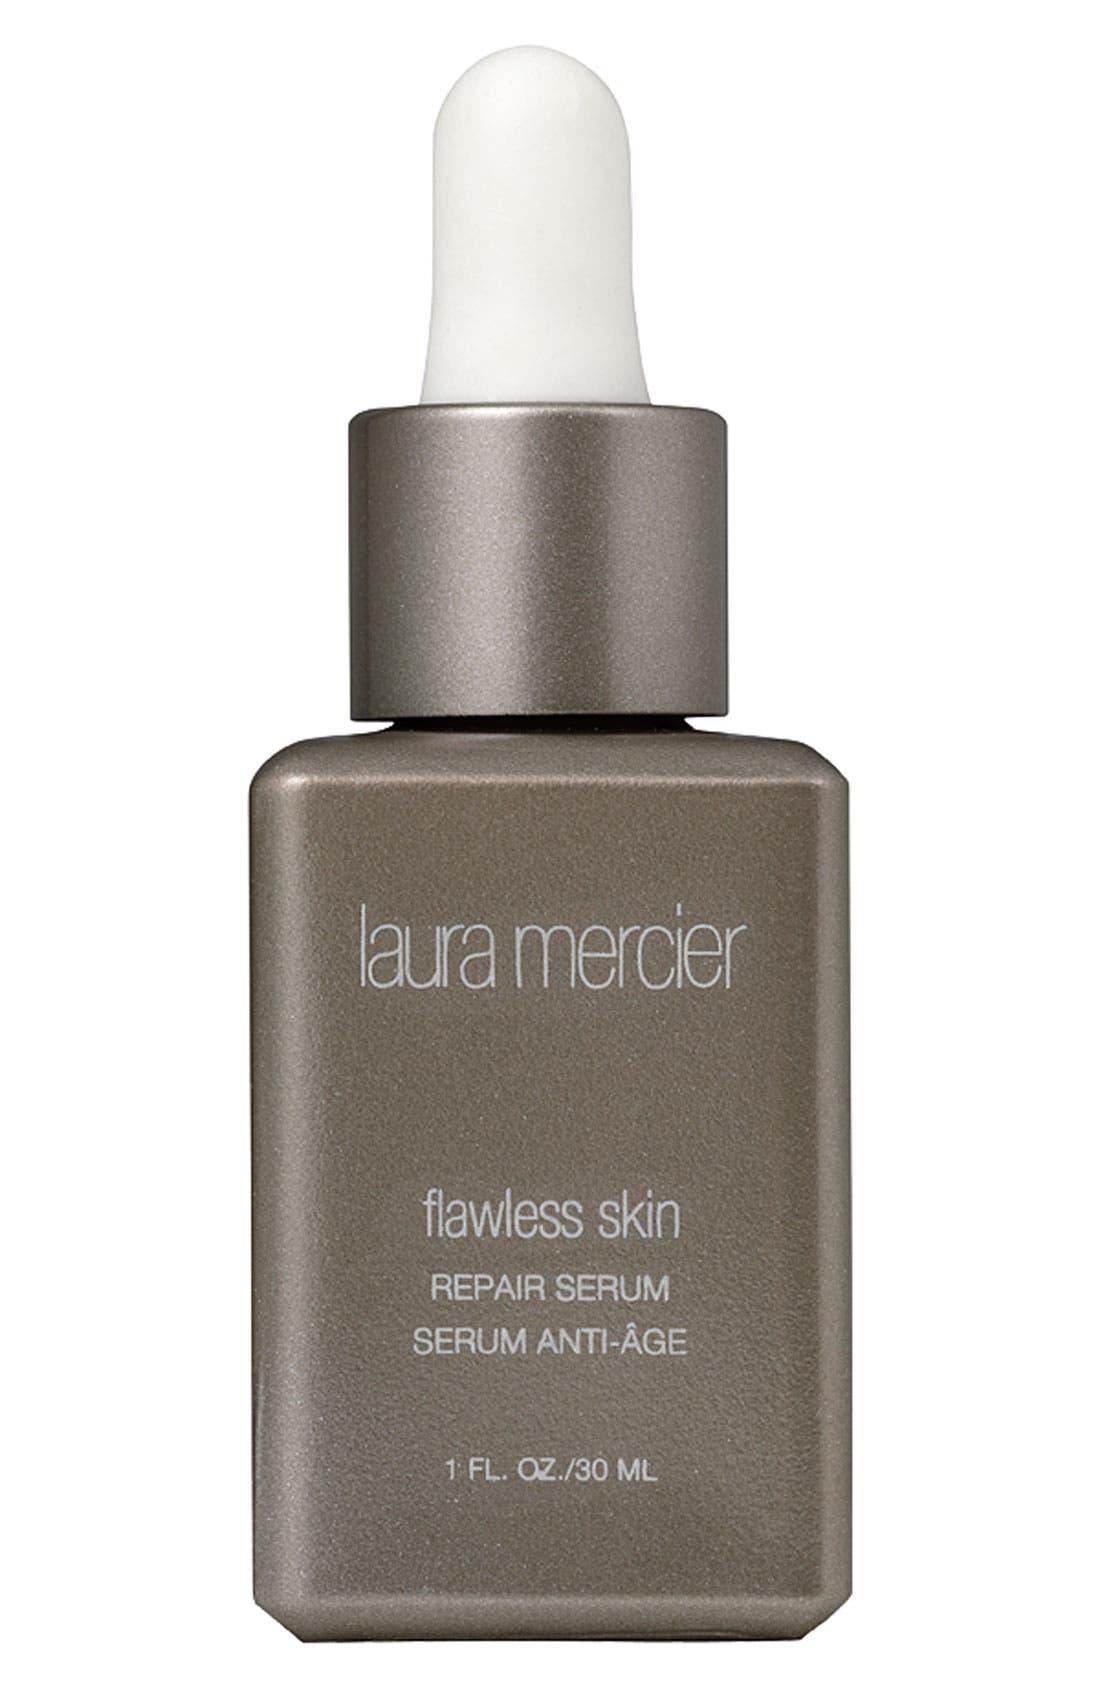 Flawless Skin Repair Serum,                             Main thumbnail 1, color,                             000